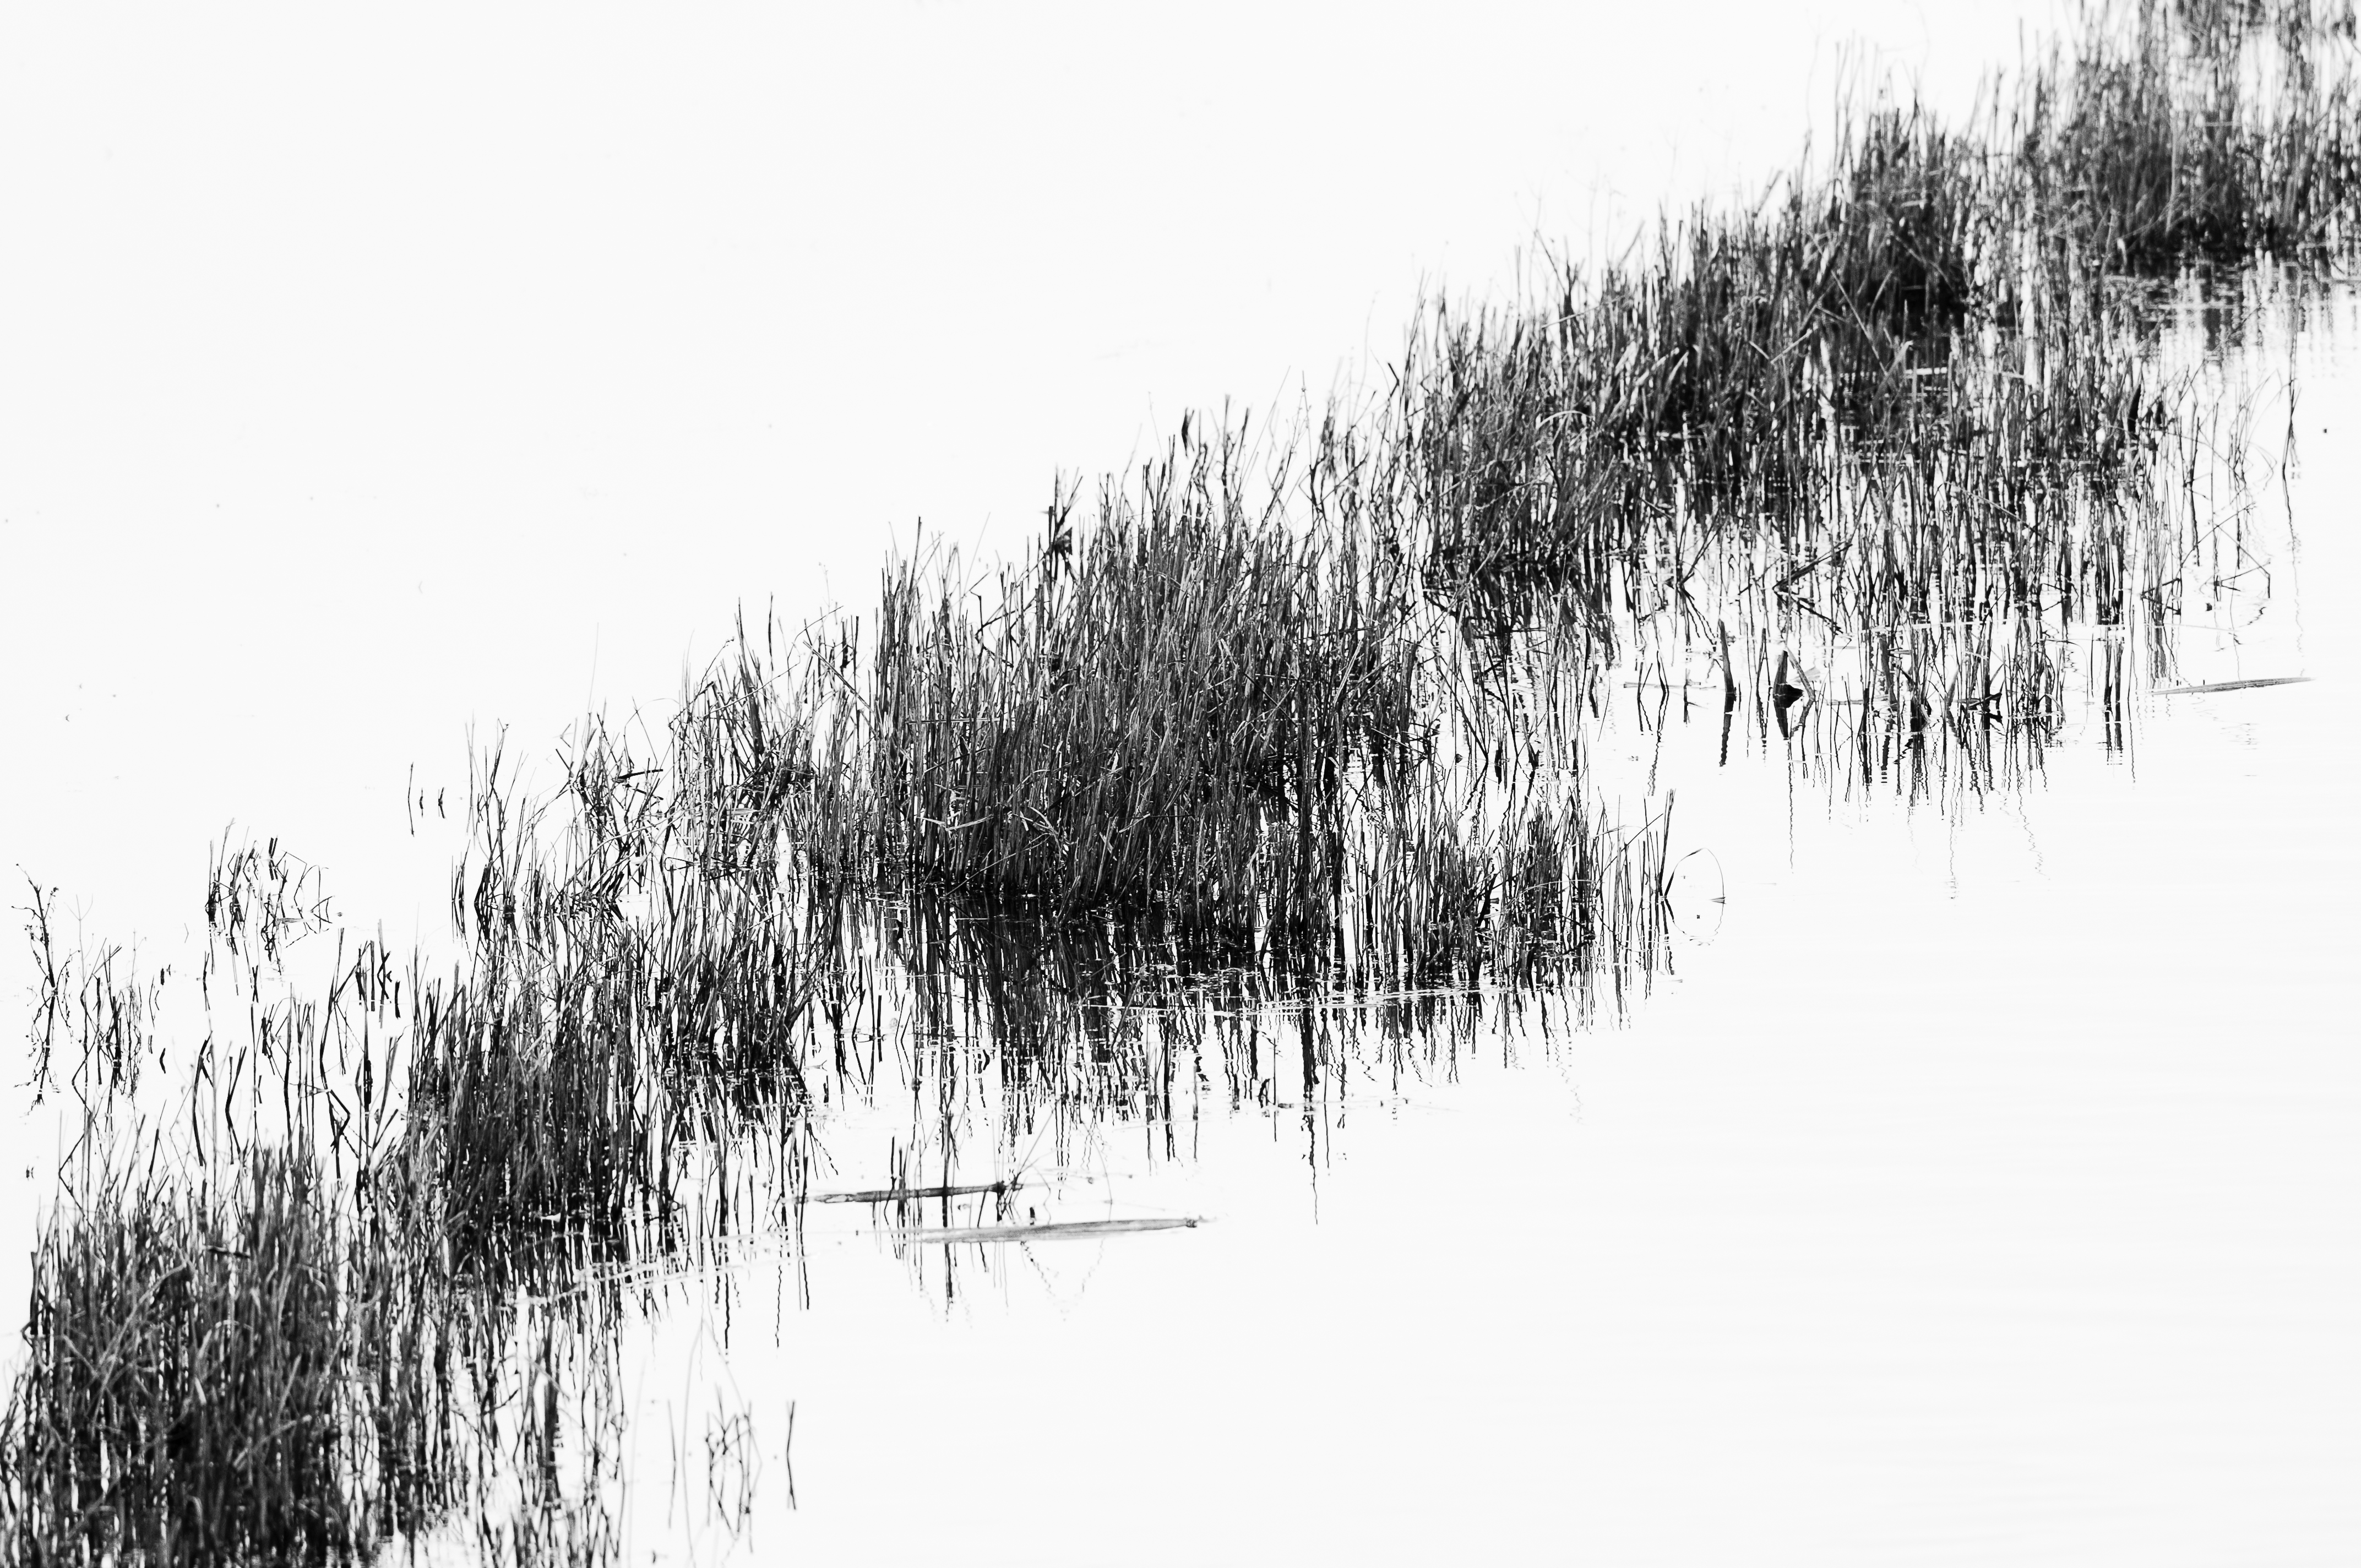 Reeds_DSC9794